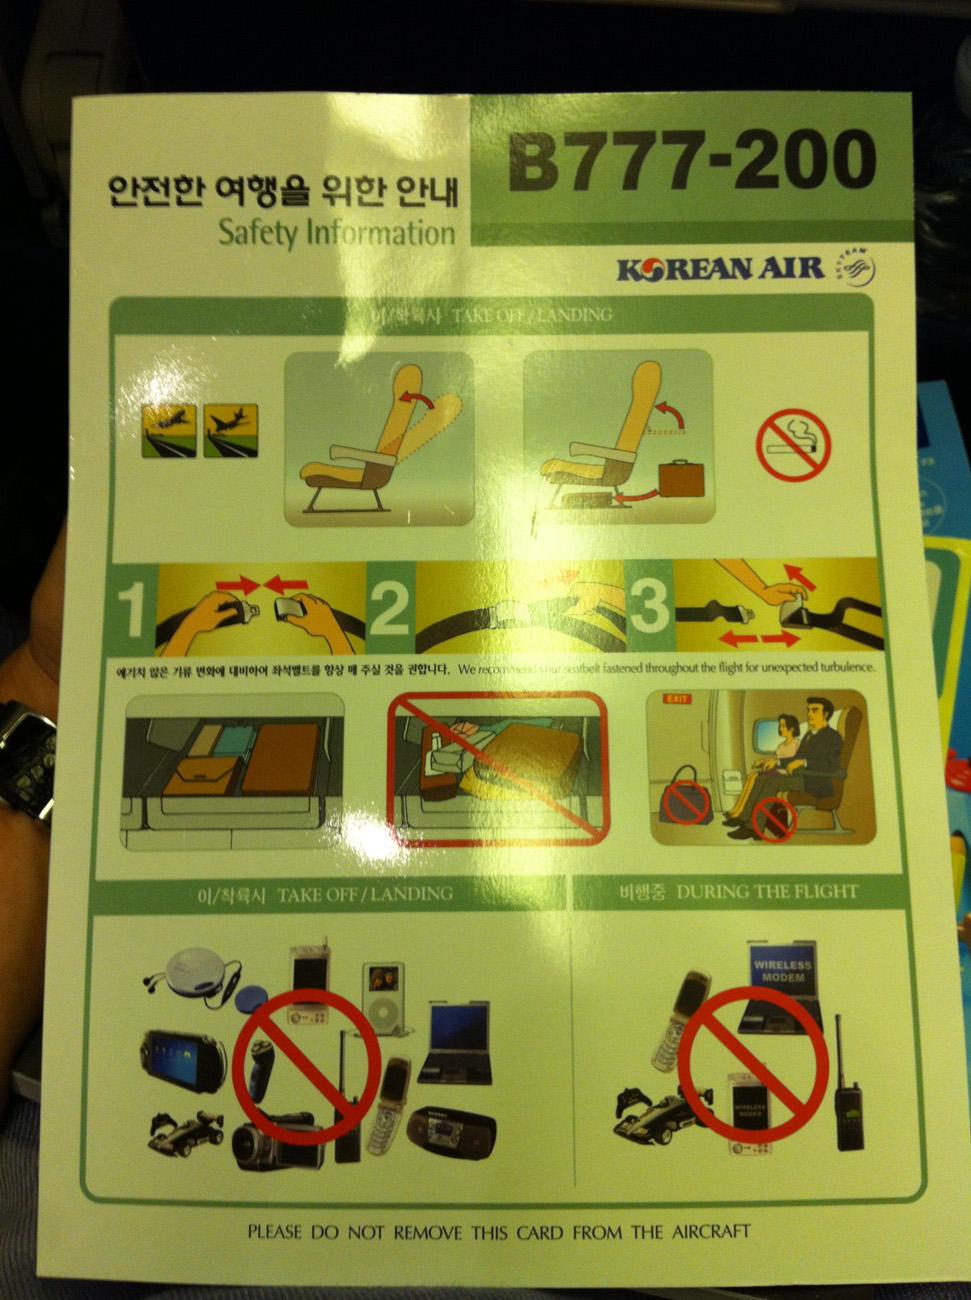 Инструкция по безопасности в Боинге-777 авиакомпании Korean Air